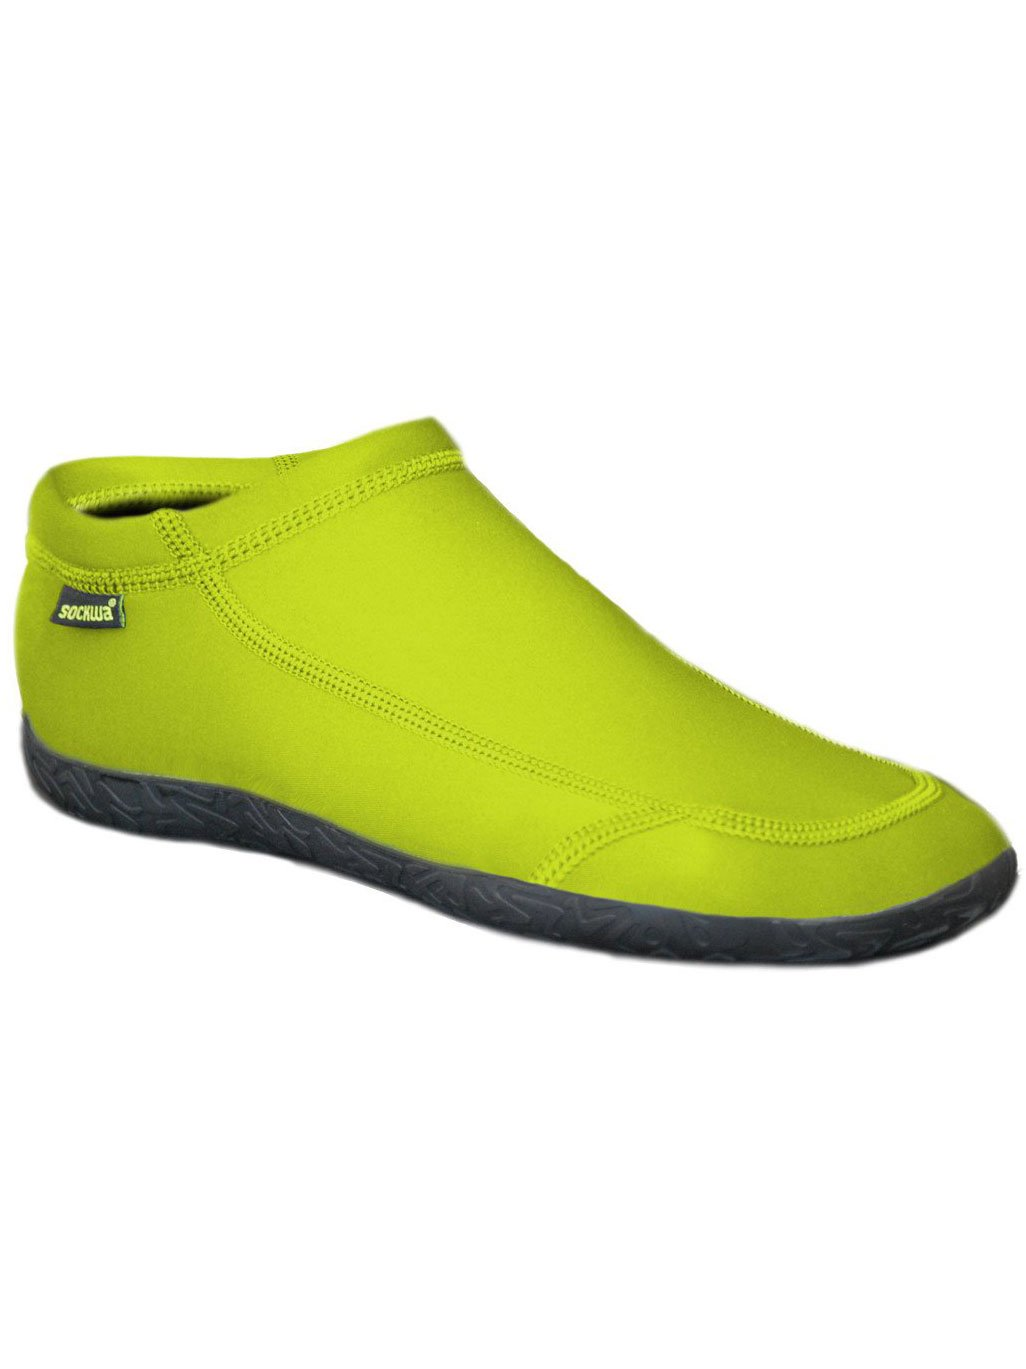 Sockwa G4 Minimal Barefoot Shoes B00F4F0JRK W7/M6|Lime